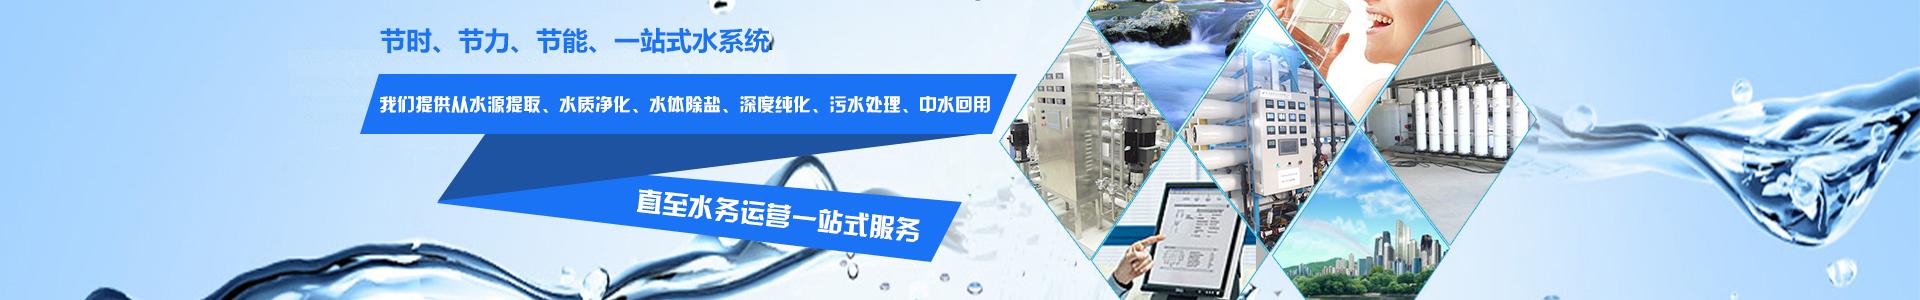 西宁水处理设备